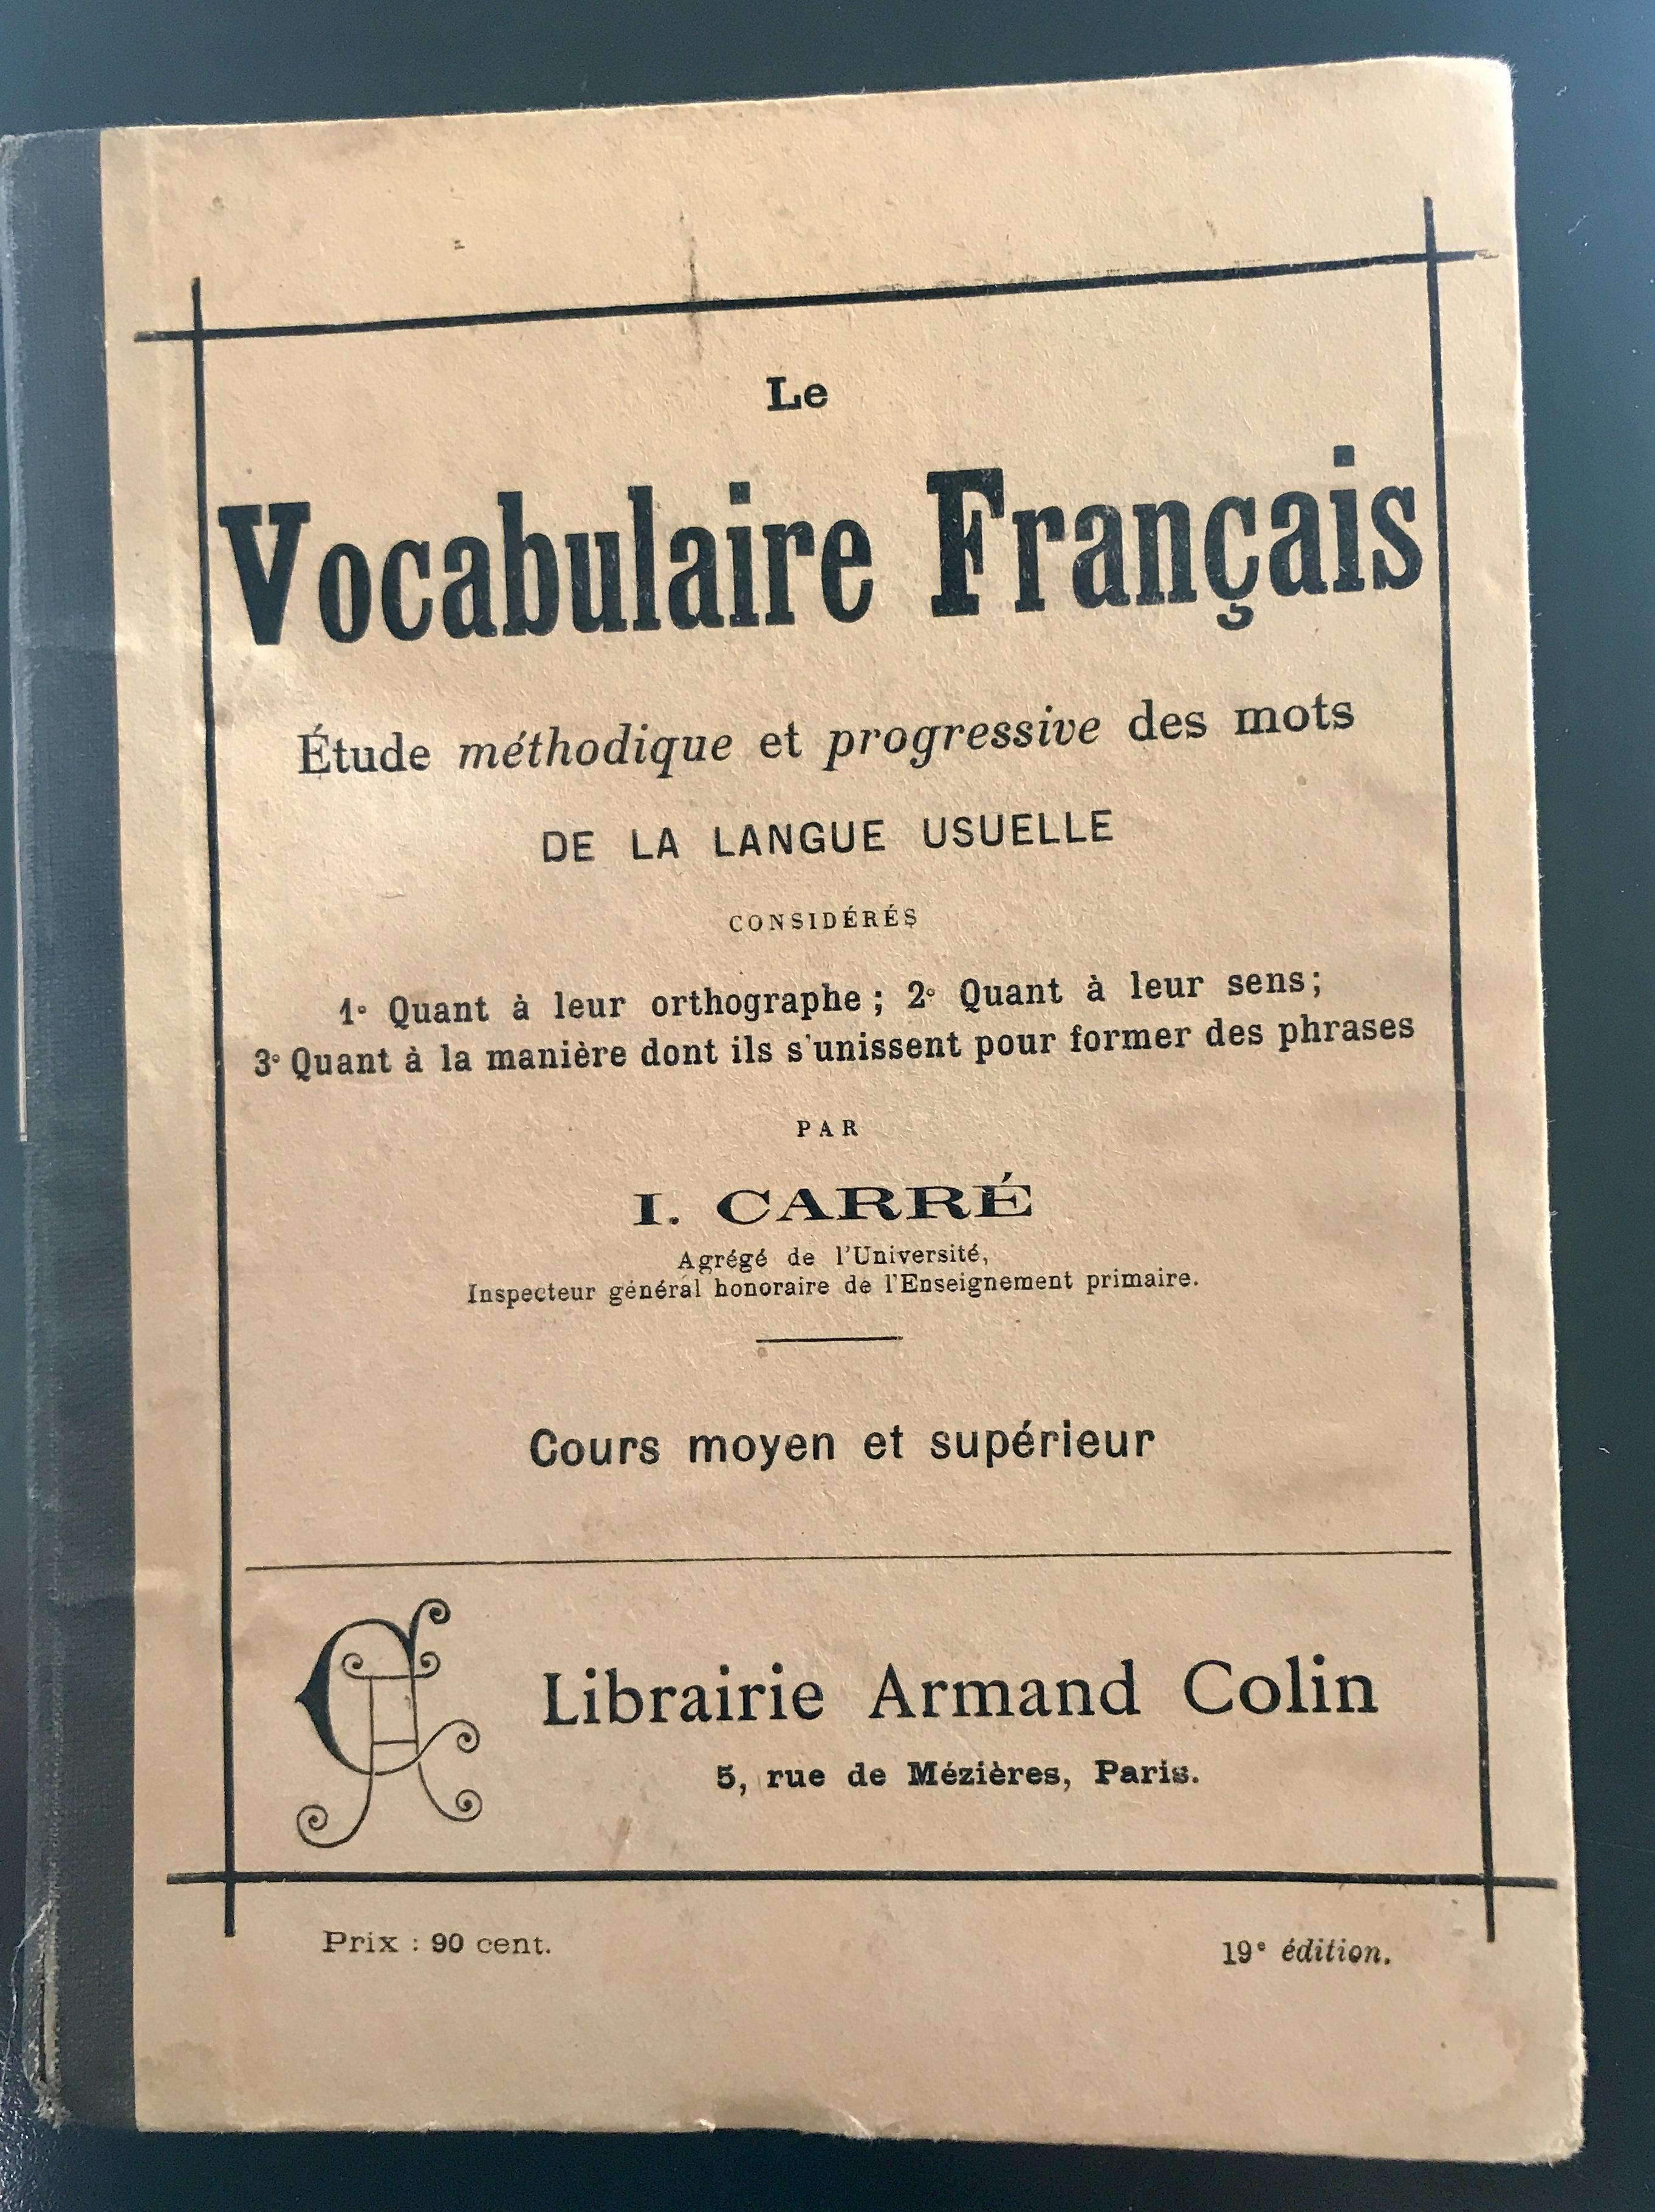 Livre vocabulaire français